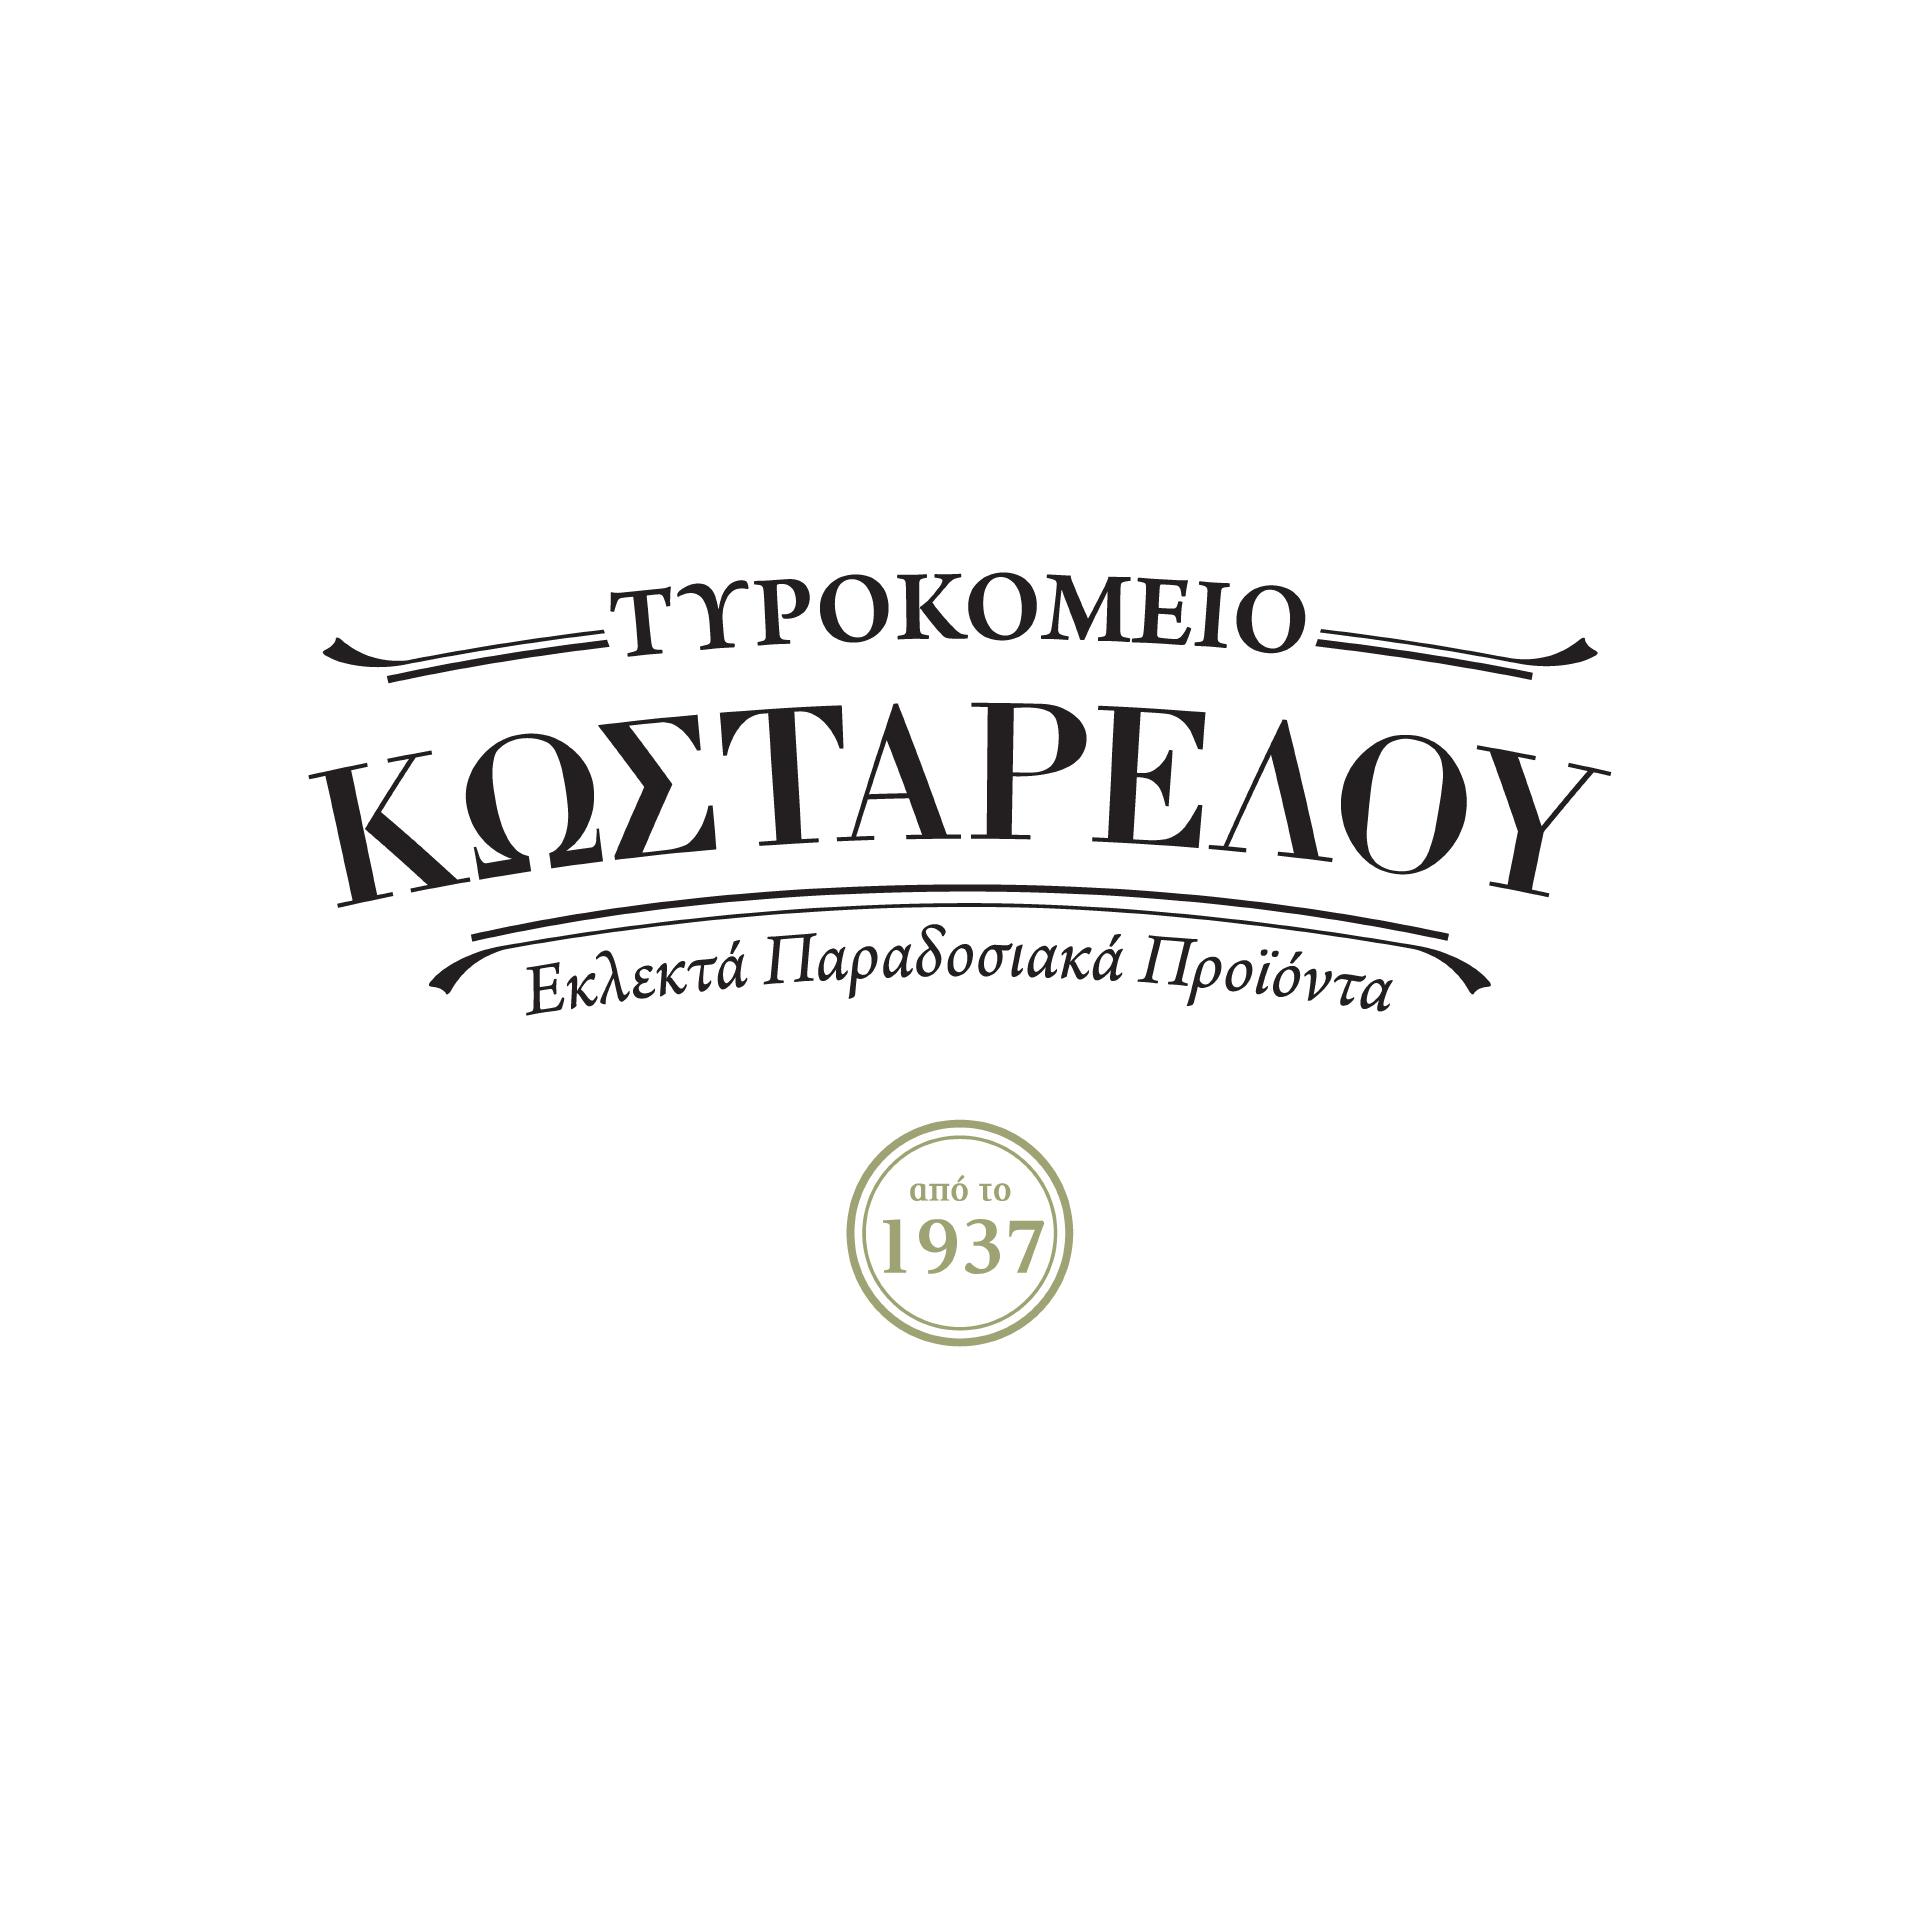 Kostarelos Logo